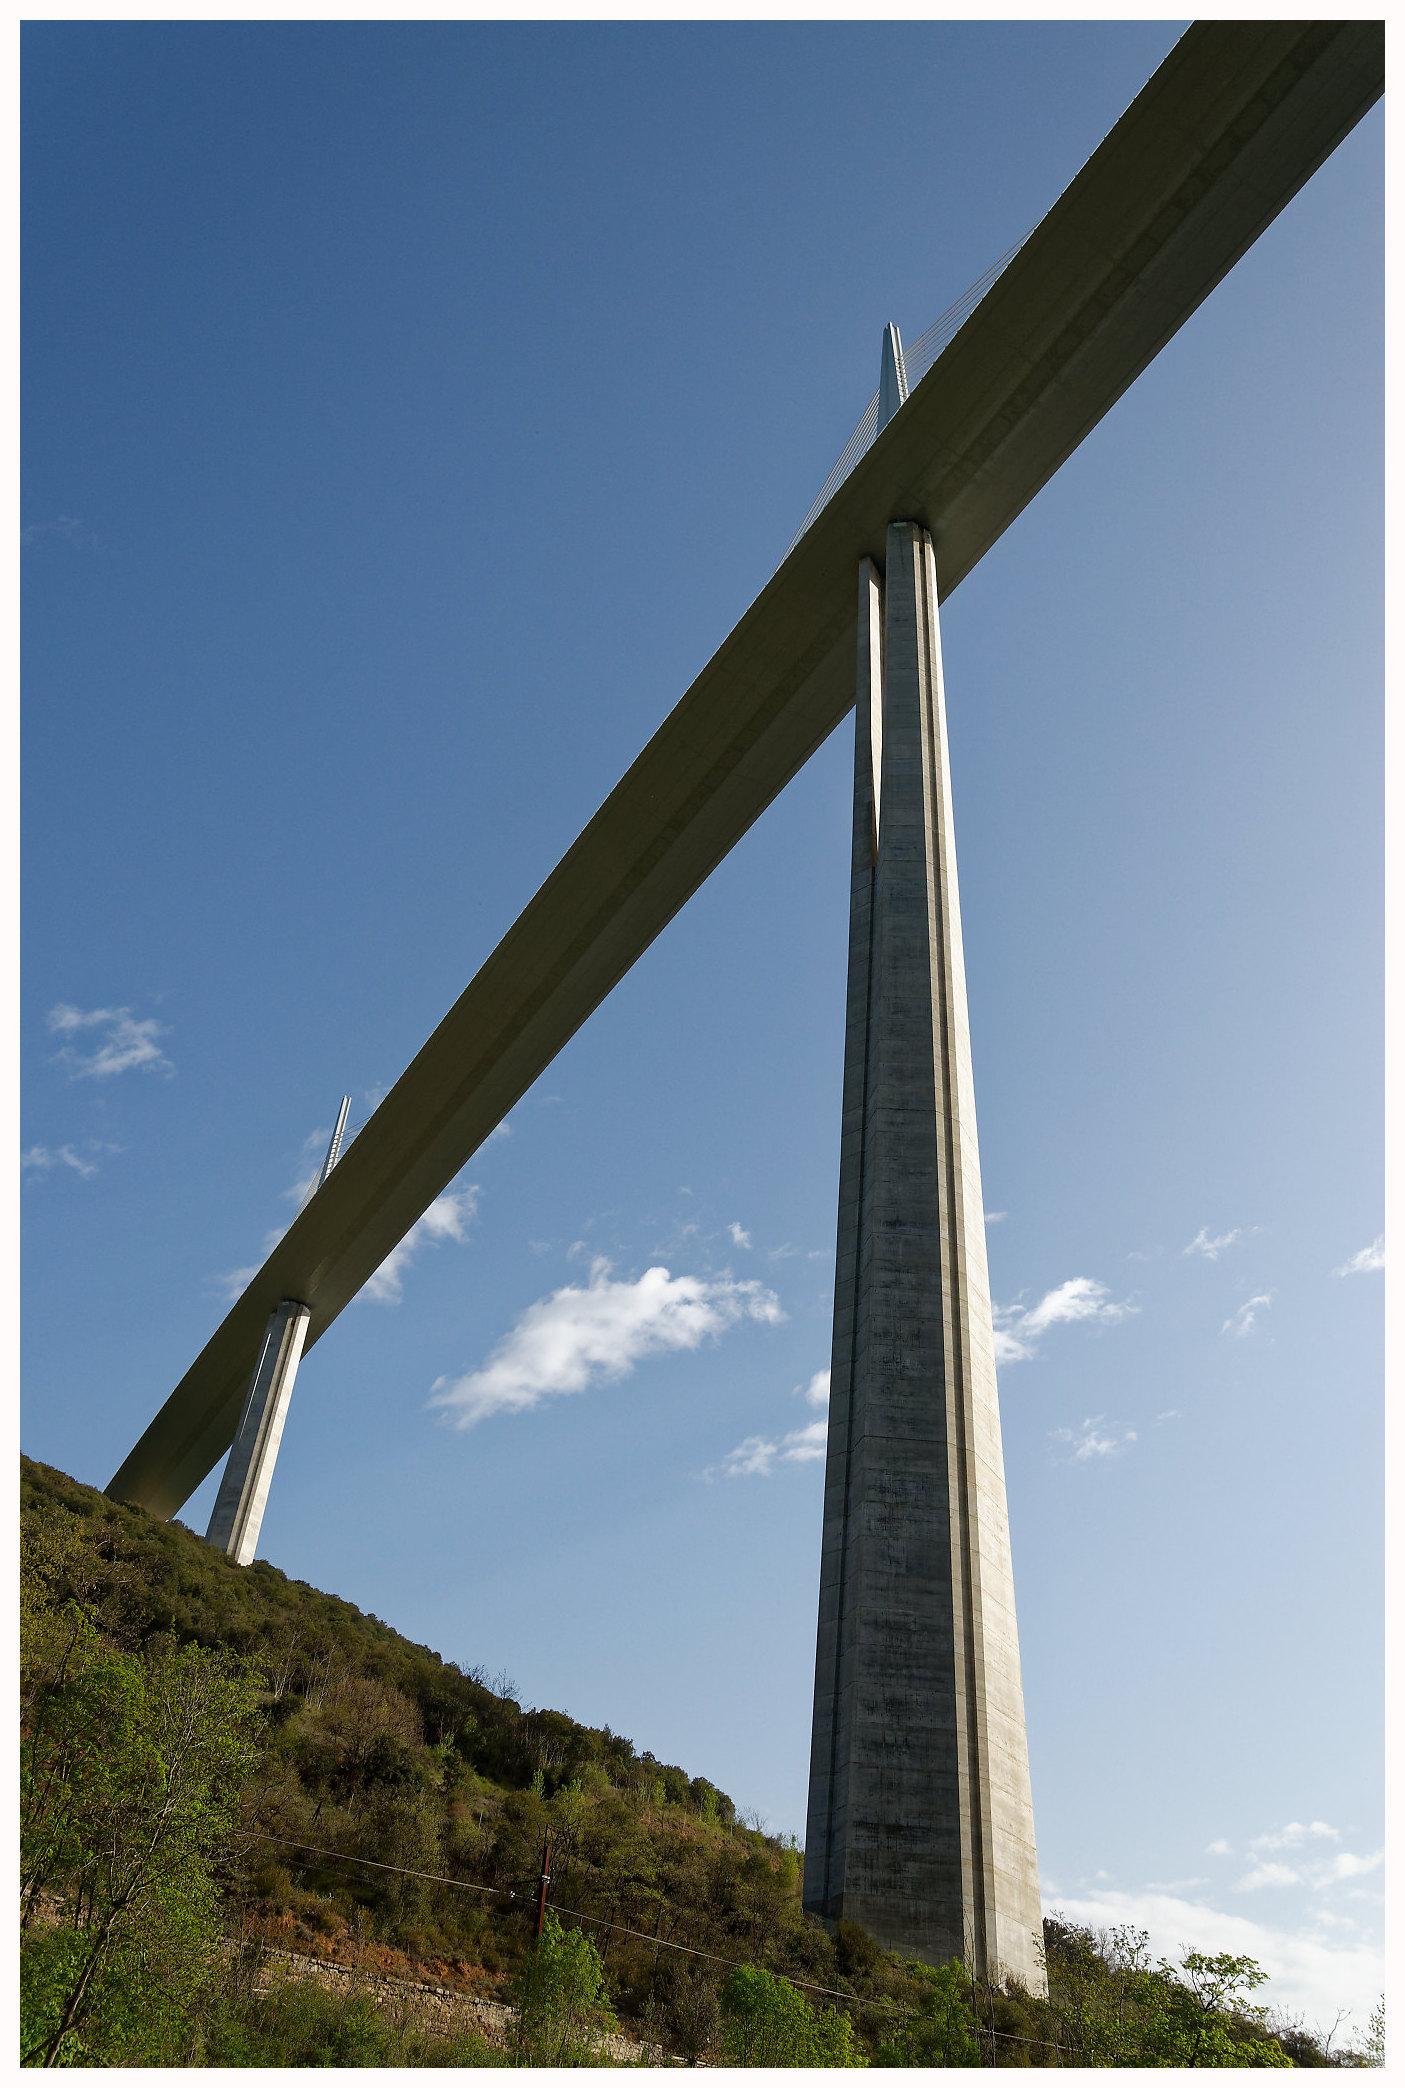 Le viaduc de Millau vu d'en dessous